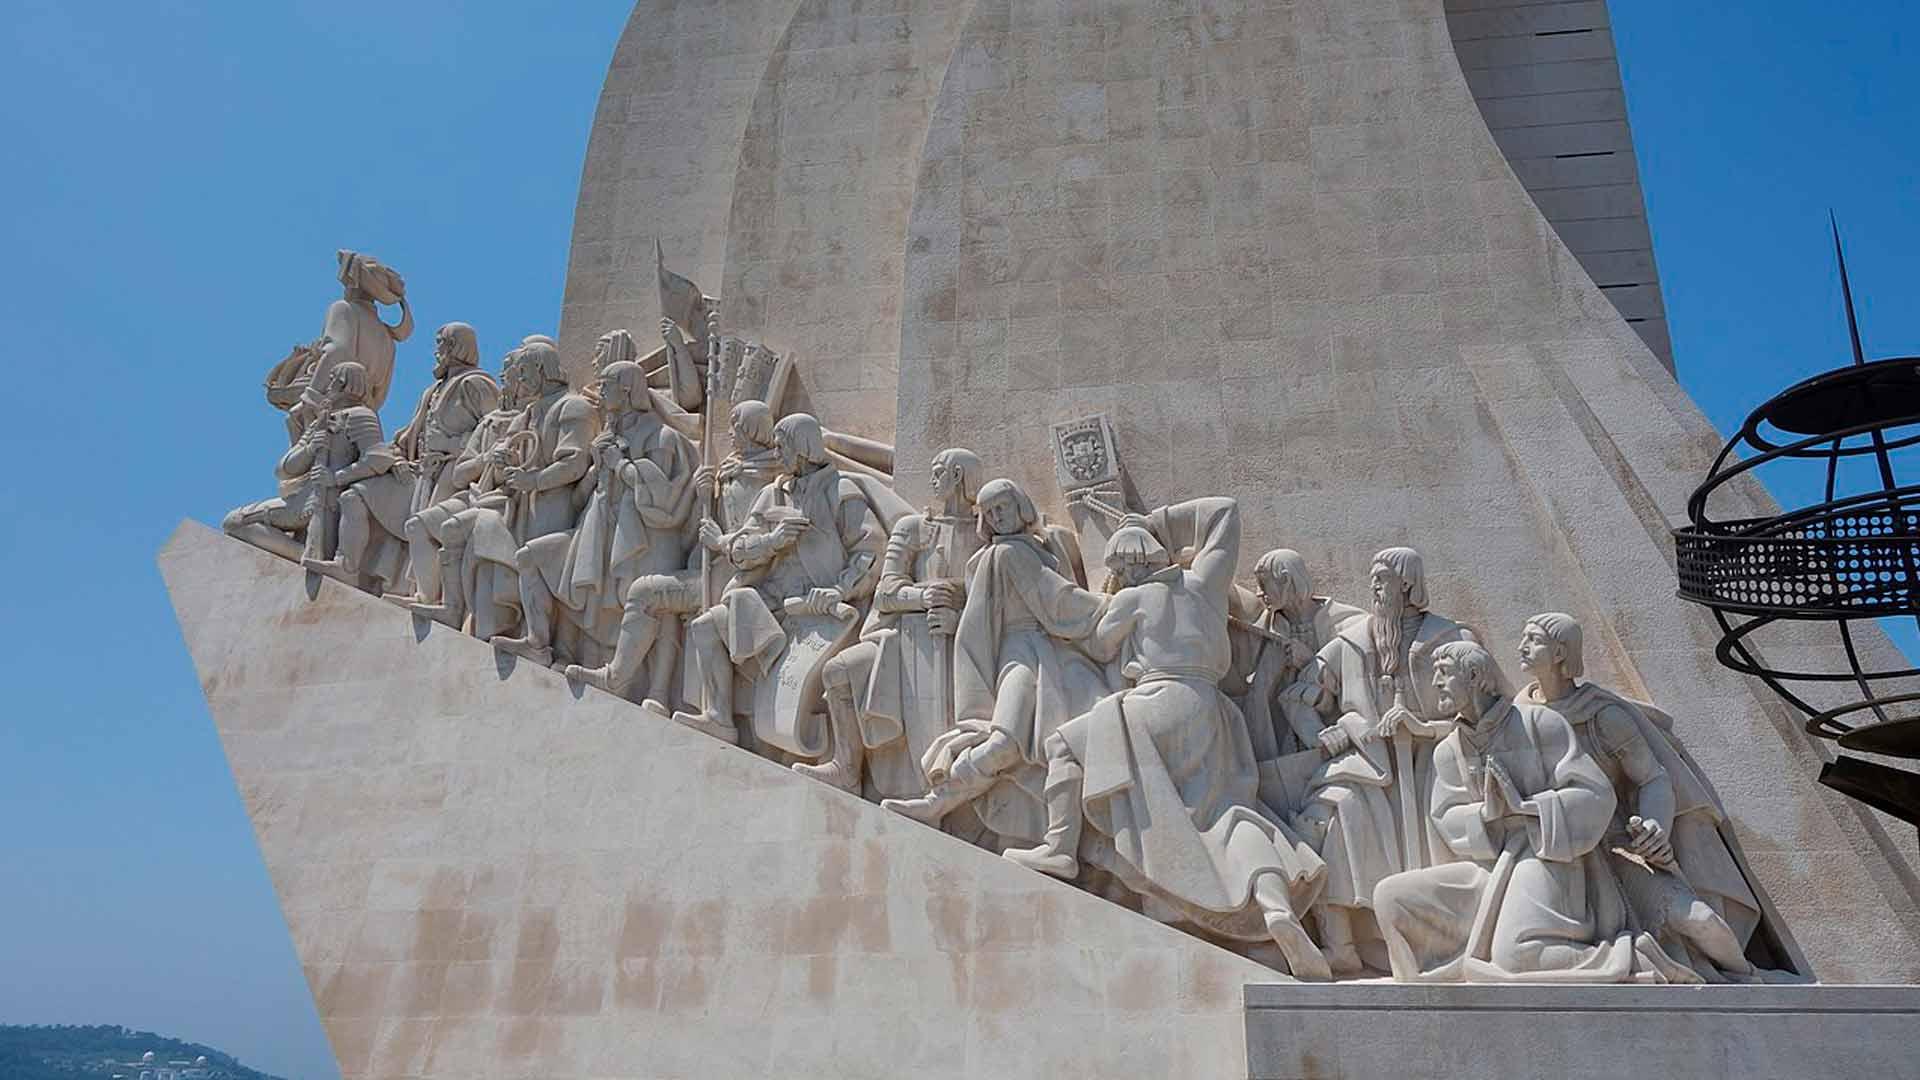 Monumento do Padrão dos Descobrimentos, em Lisboa